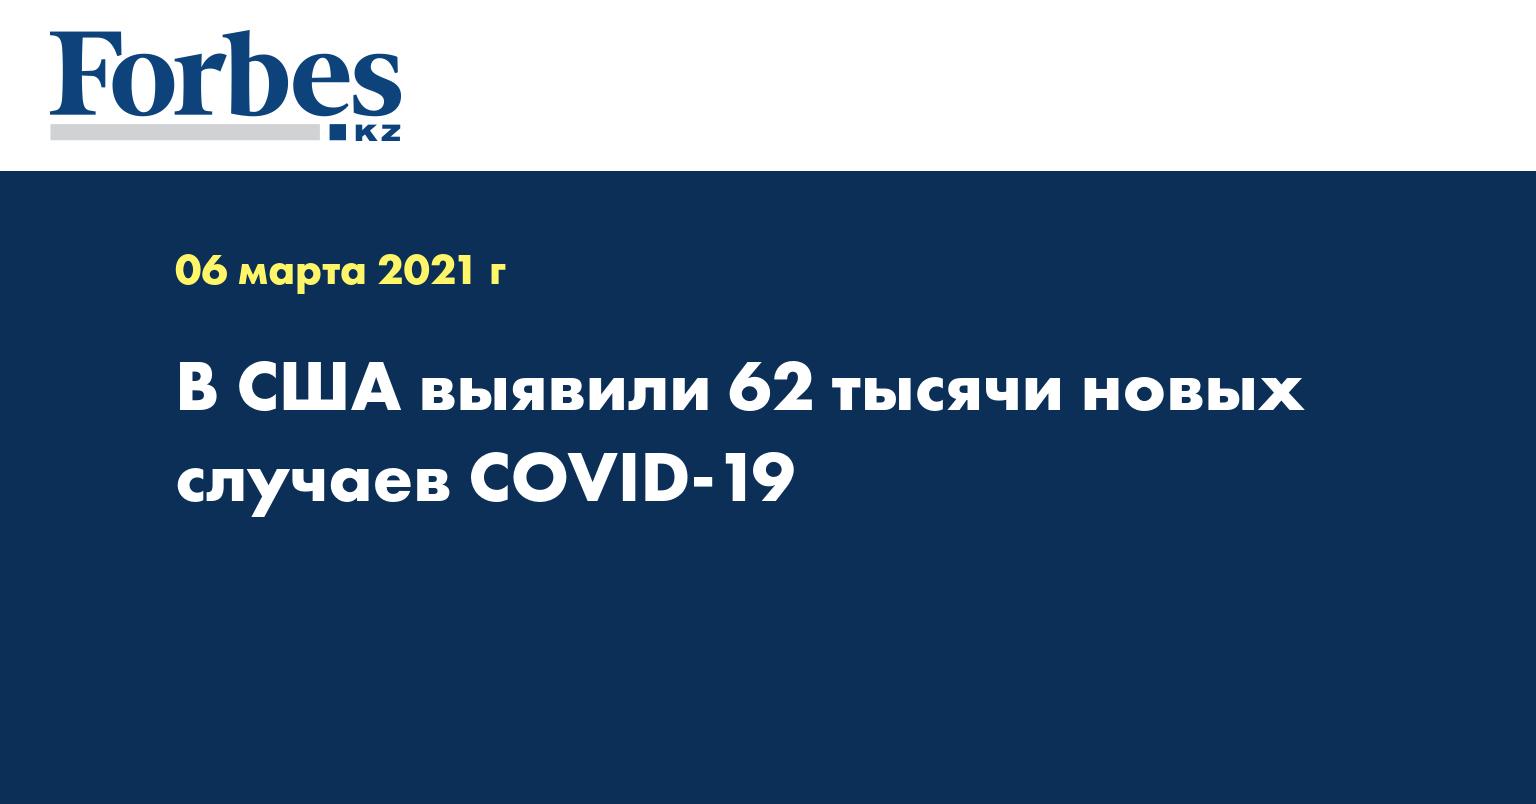 В США выявили 62 тысячи новых случаев COVID-19